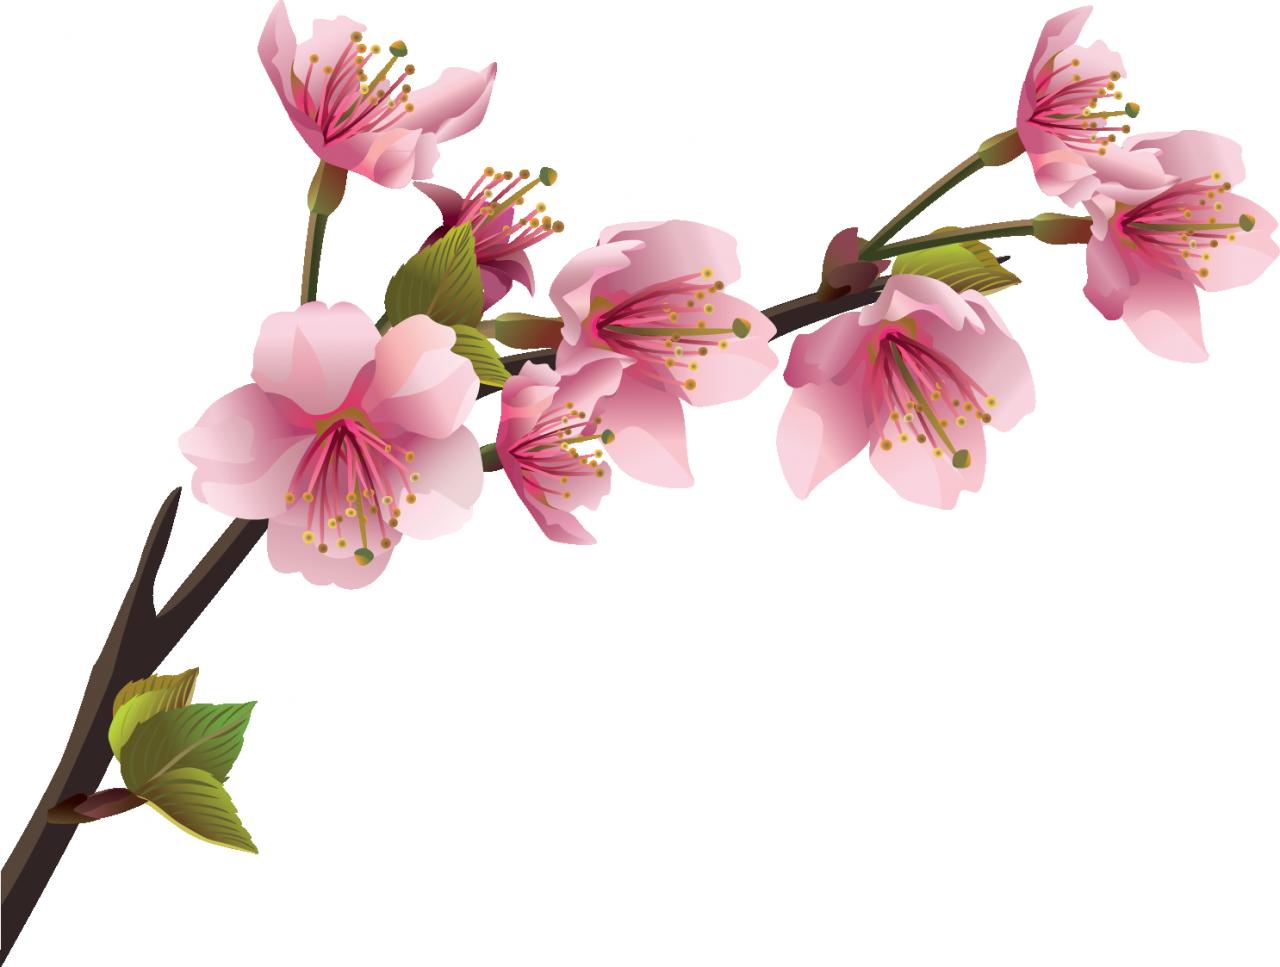 картинка веточки цветка крупные млекопитающие